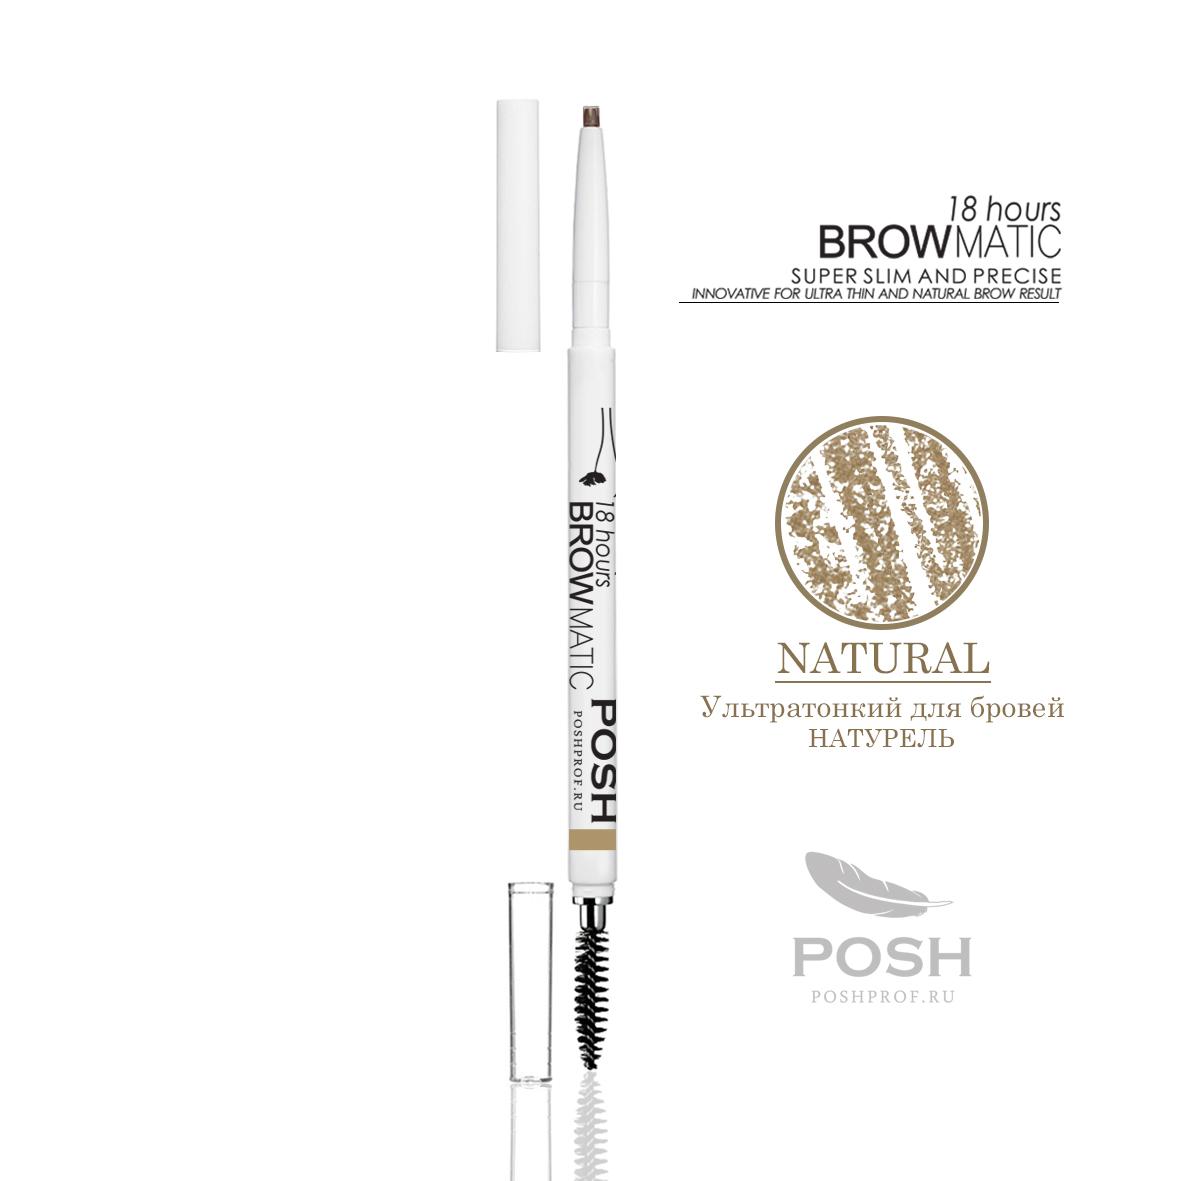 POSH Карандаш ультра-тонкий для бровей Натуральный для Блондинок / POSH BROWMATIC BLONDКарандаши<br>POSH BROWMATIC NATURAL (НАТУРЕЛЬ) - это легендарный Механический Ультра-Тонкий Карандаш для Бровей. Идеален как для прорисовки волосков, так и для придания формы бровям. Имеет теплый естественный оттенок и подходит практически всем девушкам. Пудровая текстура карандаша создана для самого нежного и акуратного нанесения, лишь чтобы подчеркнуть Вашу естественную красоту бровей. Удобная кисть позволит растушевать карандаш в дымку, а так же причесать брови. Помните, что брови это Королева ЛИЦА. Создайте красивые и ухоженные брови вместе с коллекцией карандашей от POSH. Активные ингредиенты: витамины А и Е, масло жожоба, натуральные антиоксиданты, воск, гидрогенизированное хлопковое масло, тальк<br>